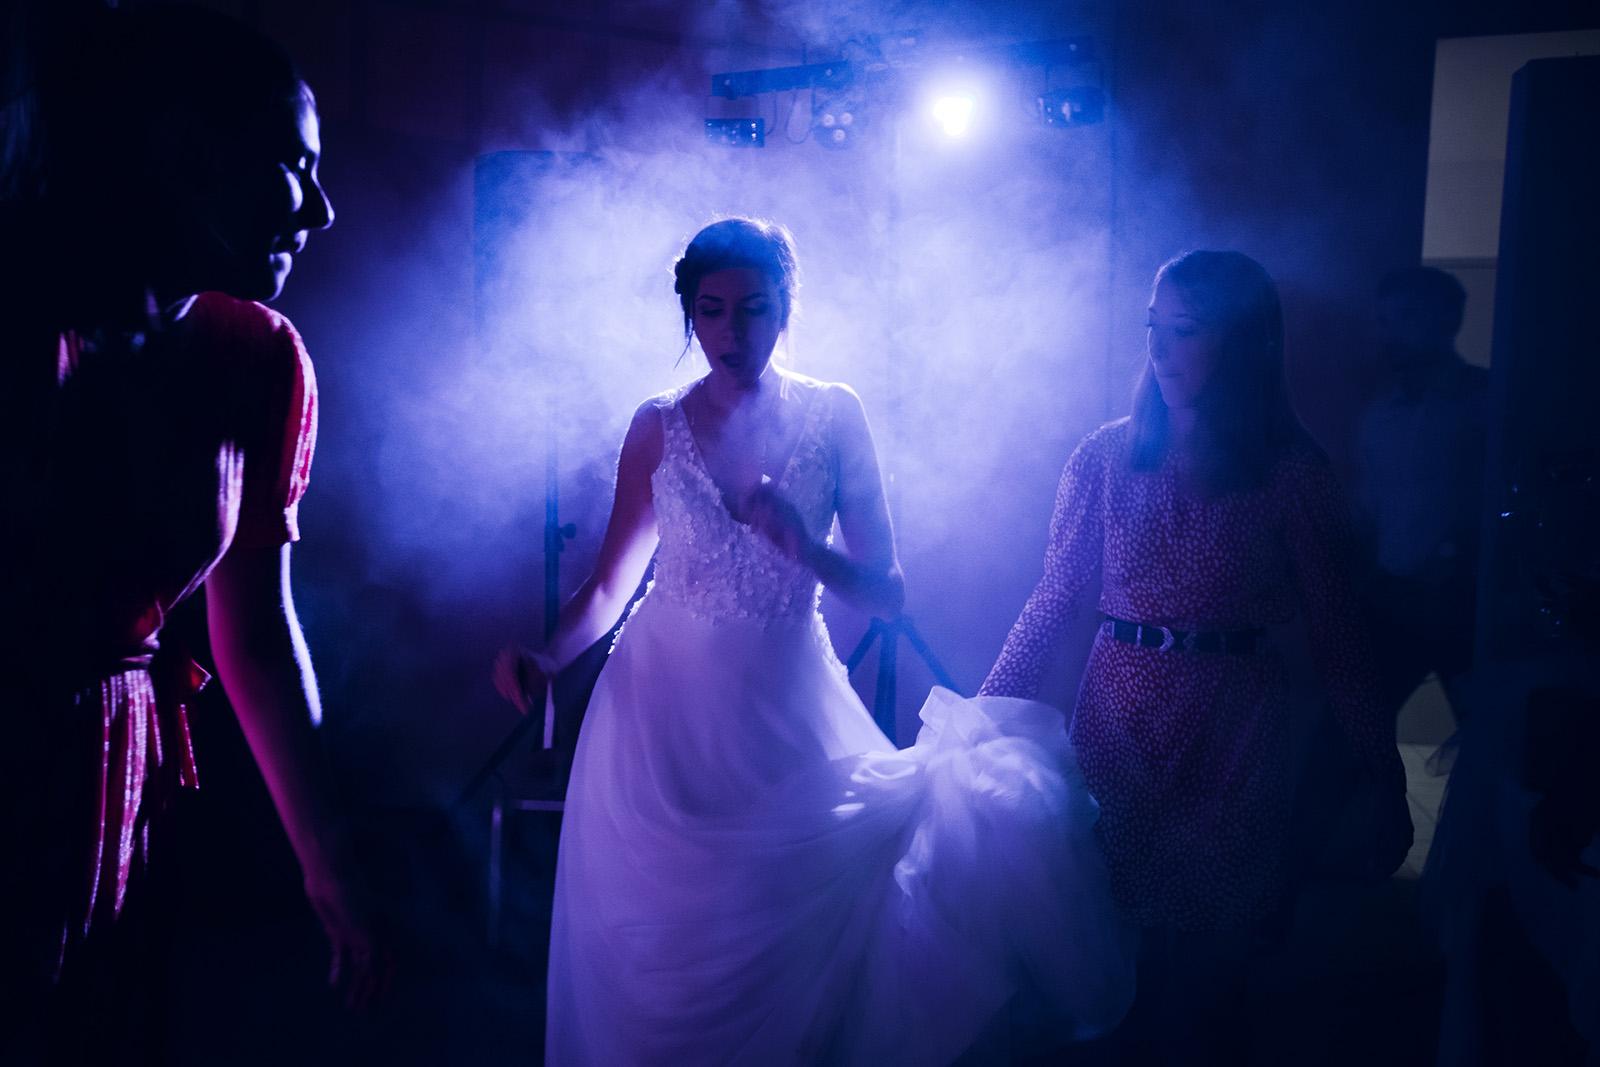 mariage-photographe-photo-reportage-wedding-photographer-domaine-du-gouverneur-auvergne-rhone-alpes-lyon-elise-julliard-photo-de-couple-soirée